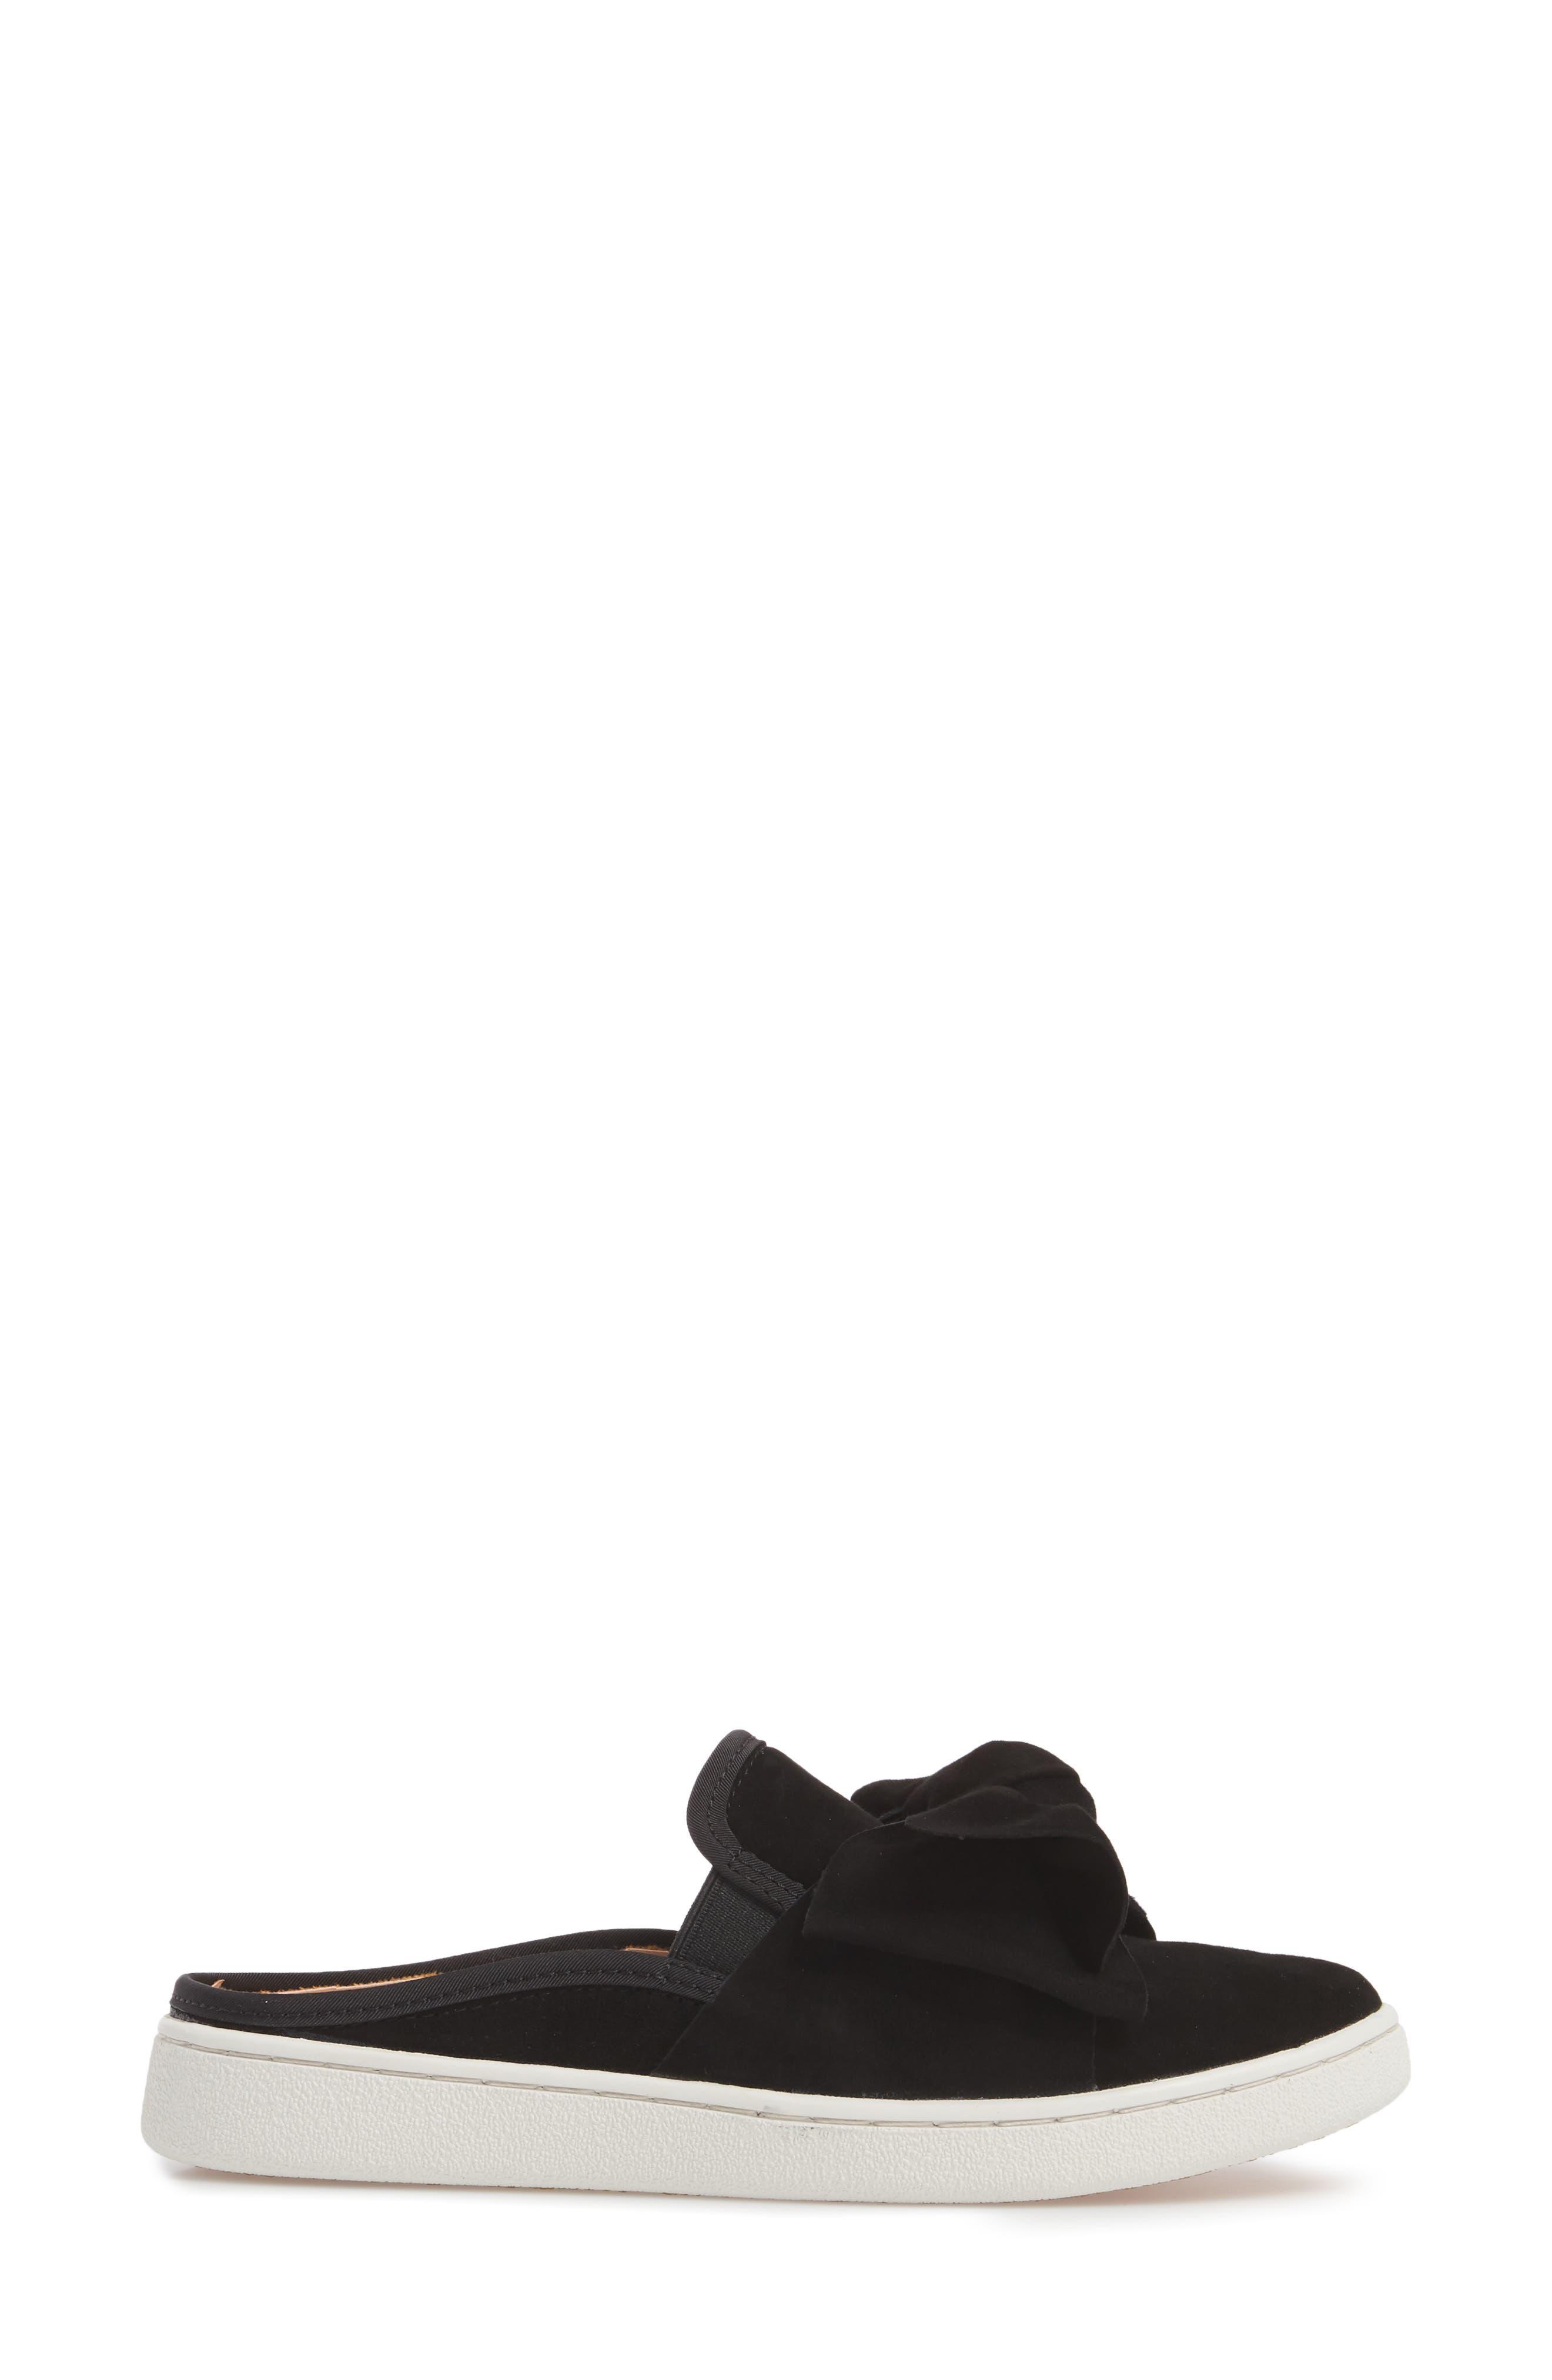 UGG | Luci Bow Sneaker Mule | HauteLook